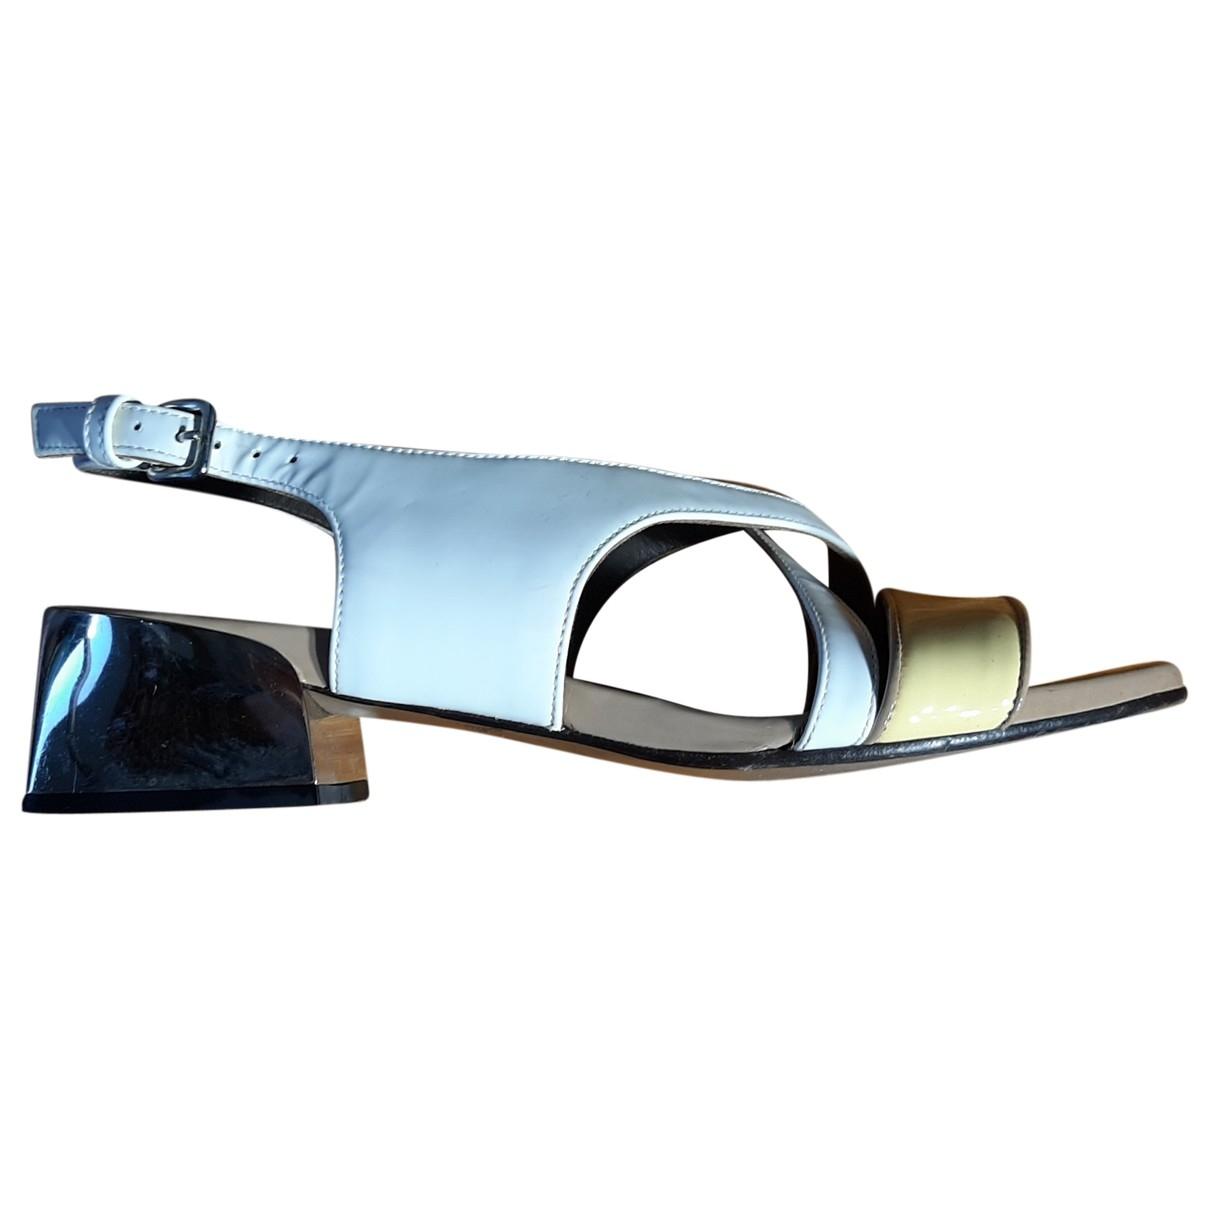 Marni - Sandales   pour femme en cuir verni - multicolore